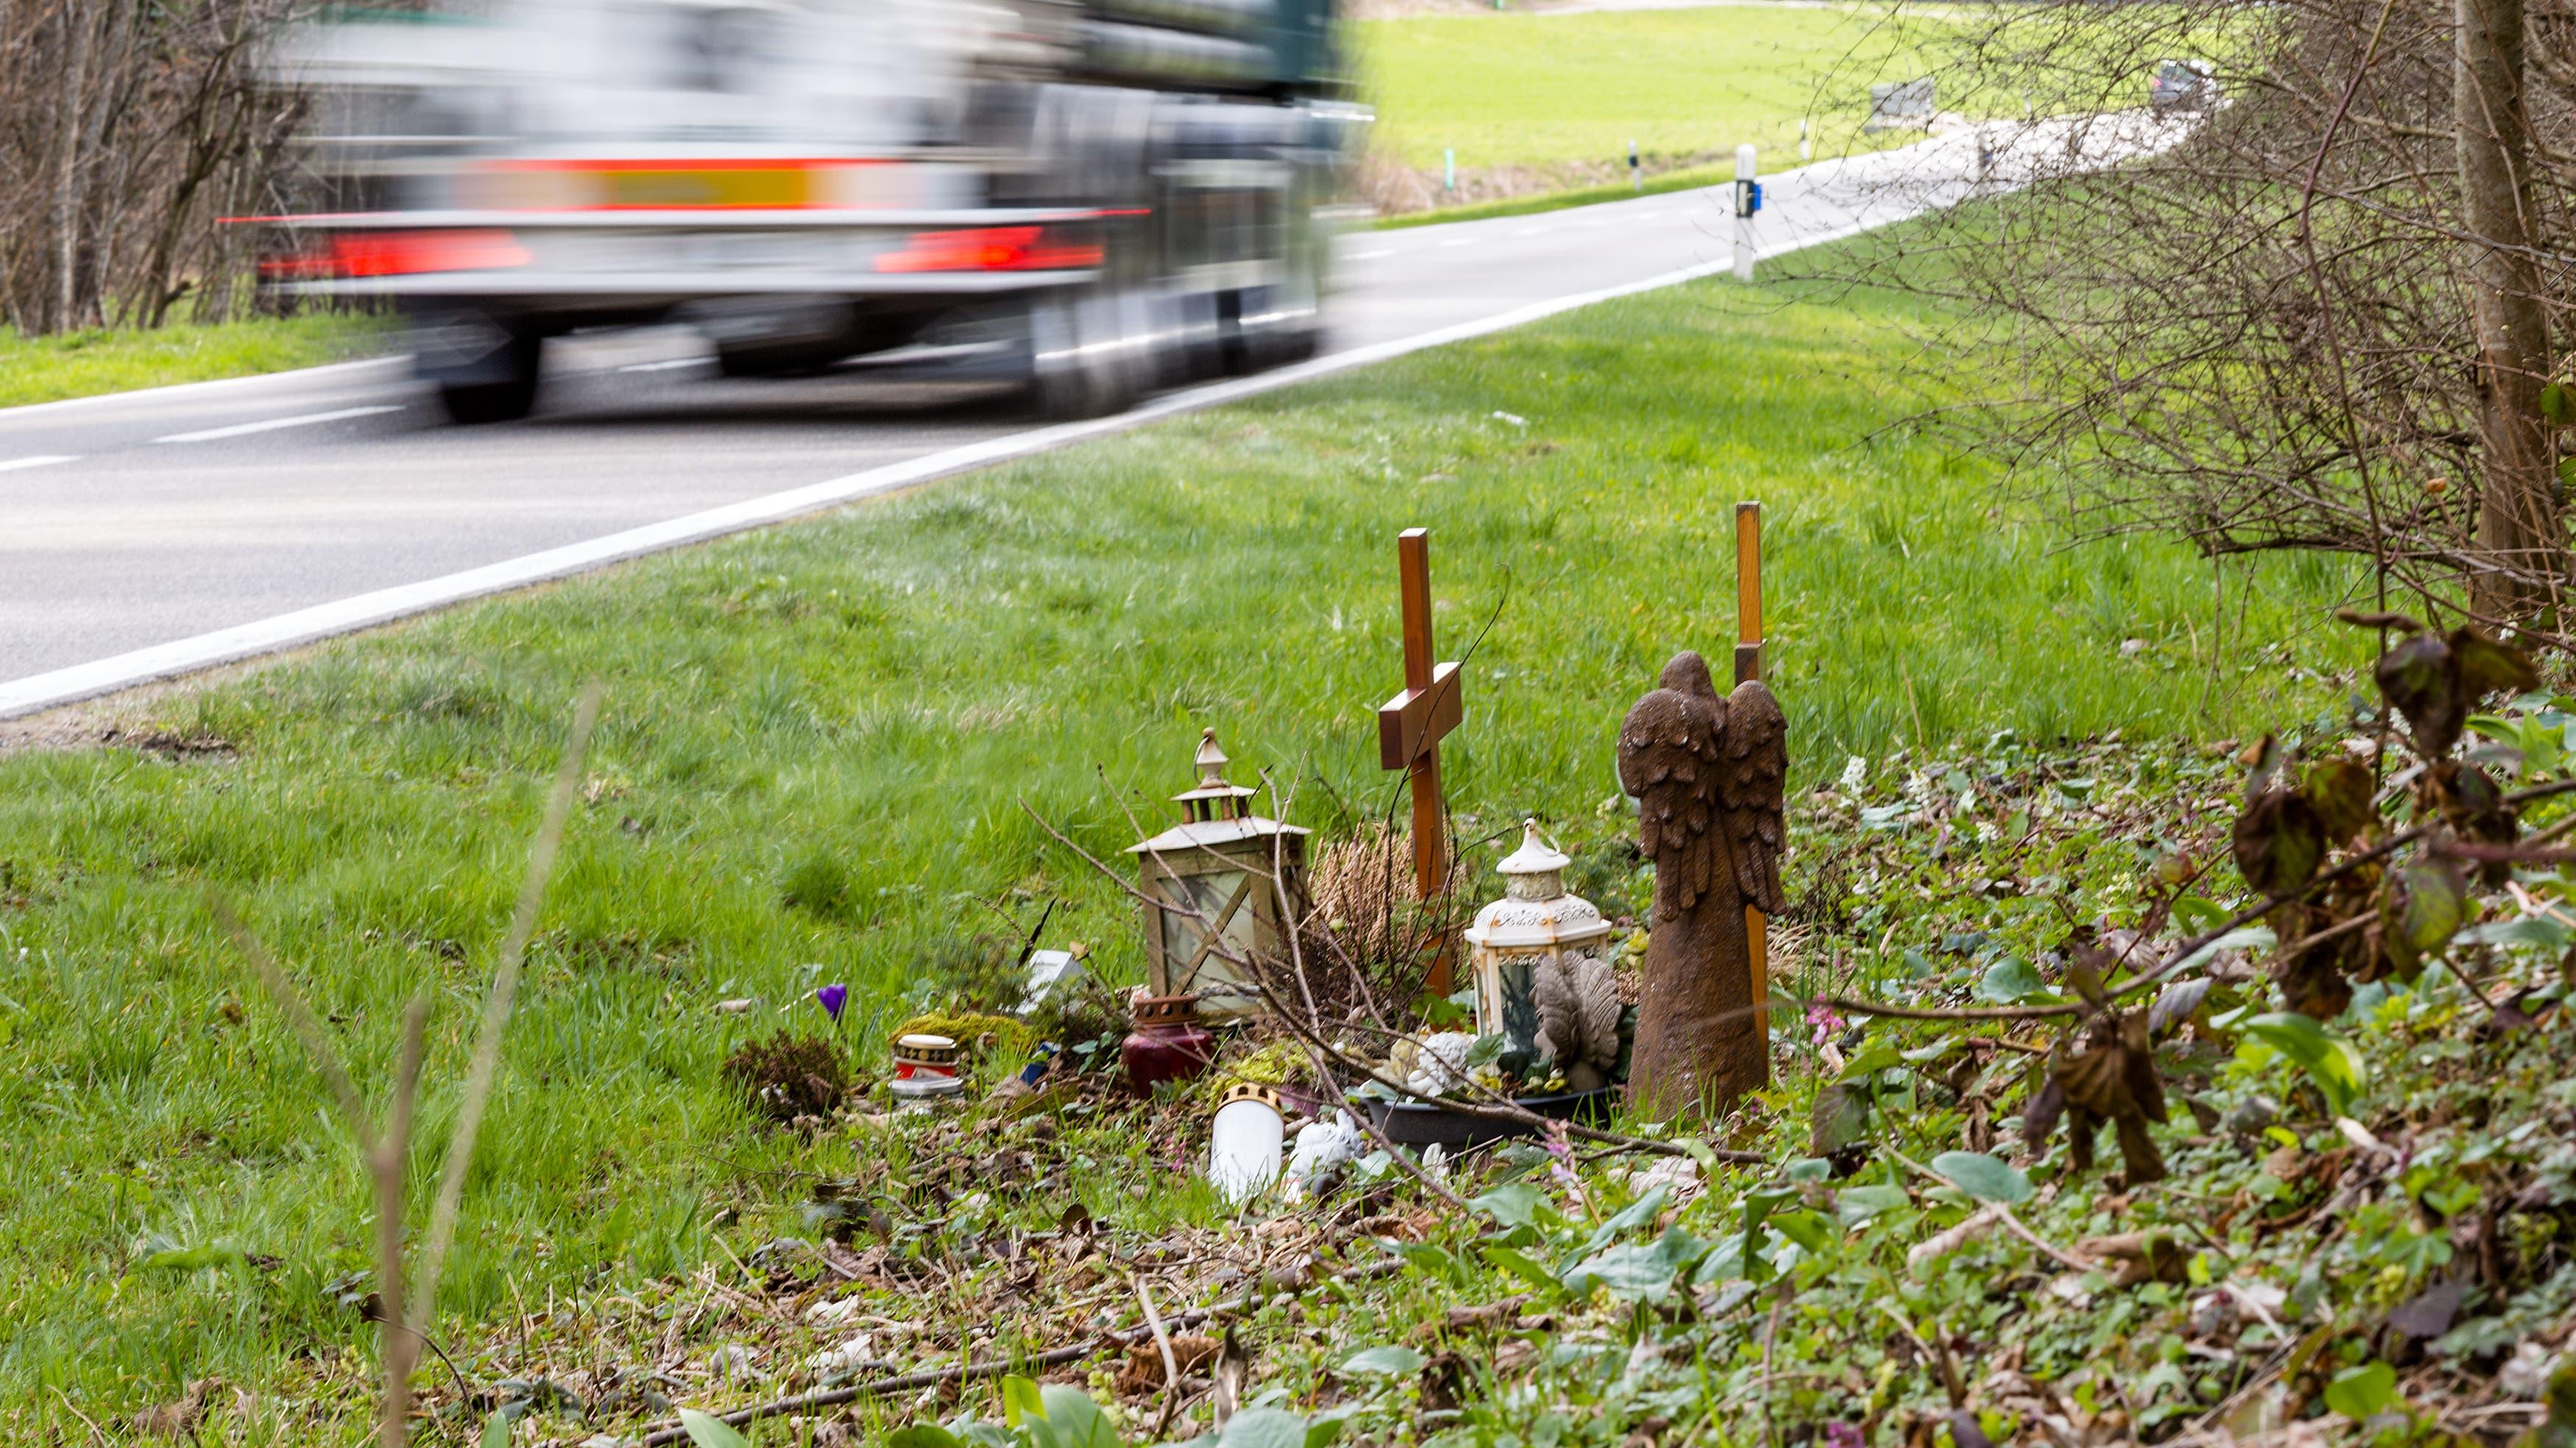 Postauto-Unfall in Endingen